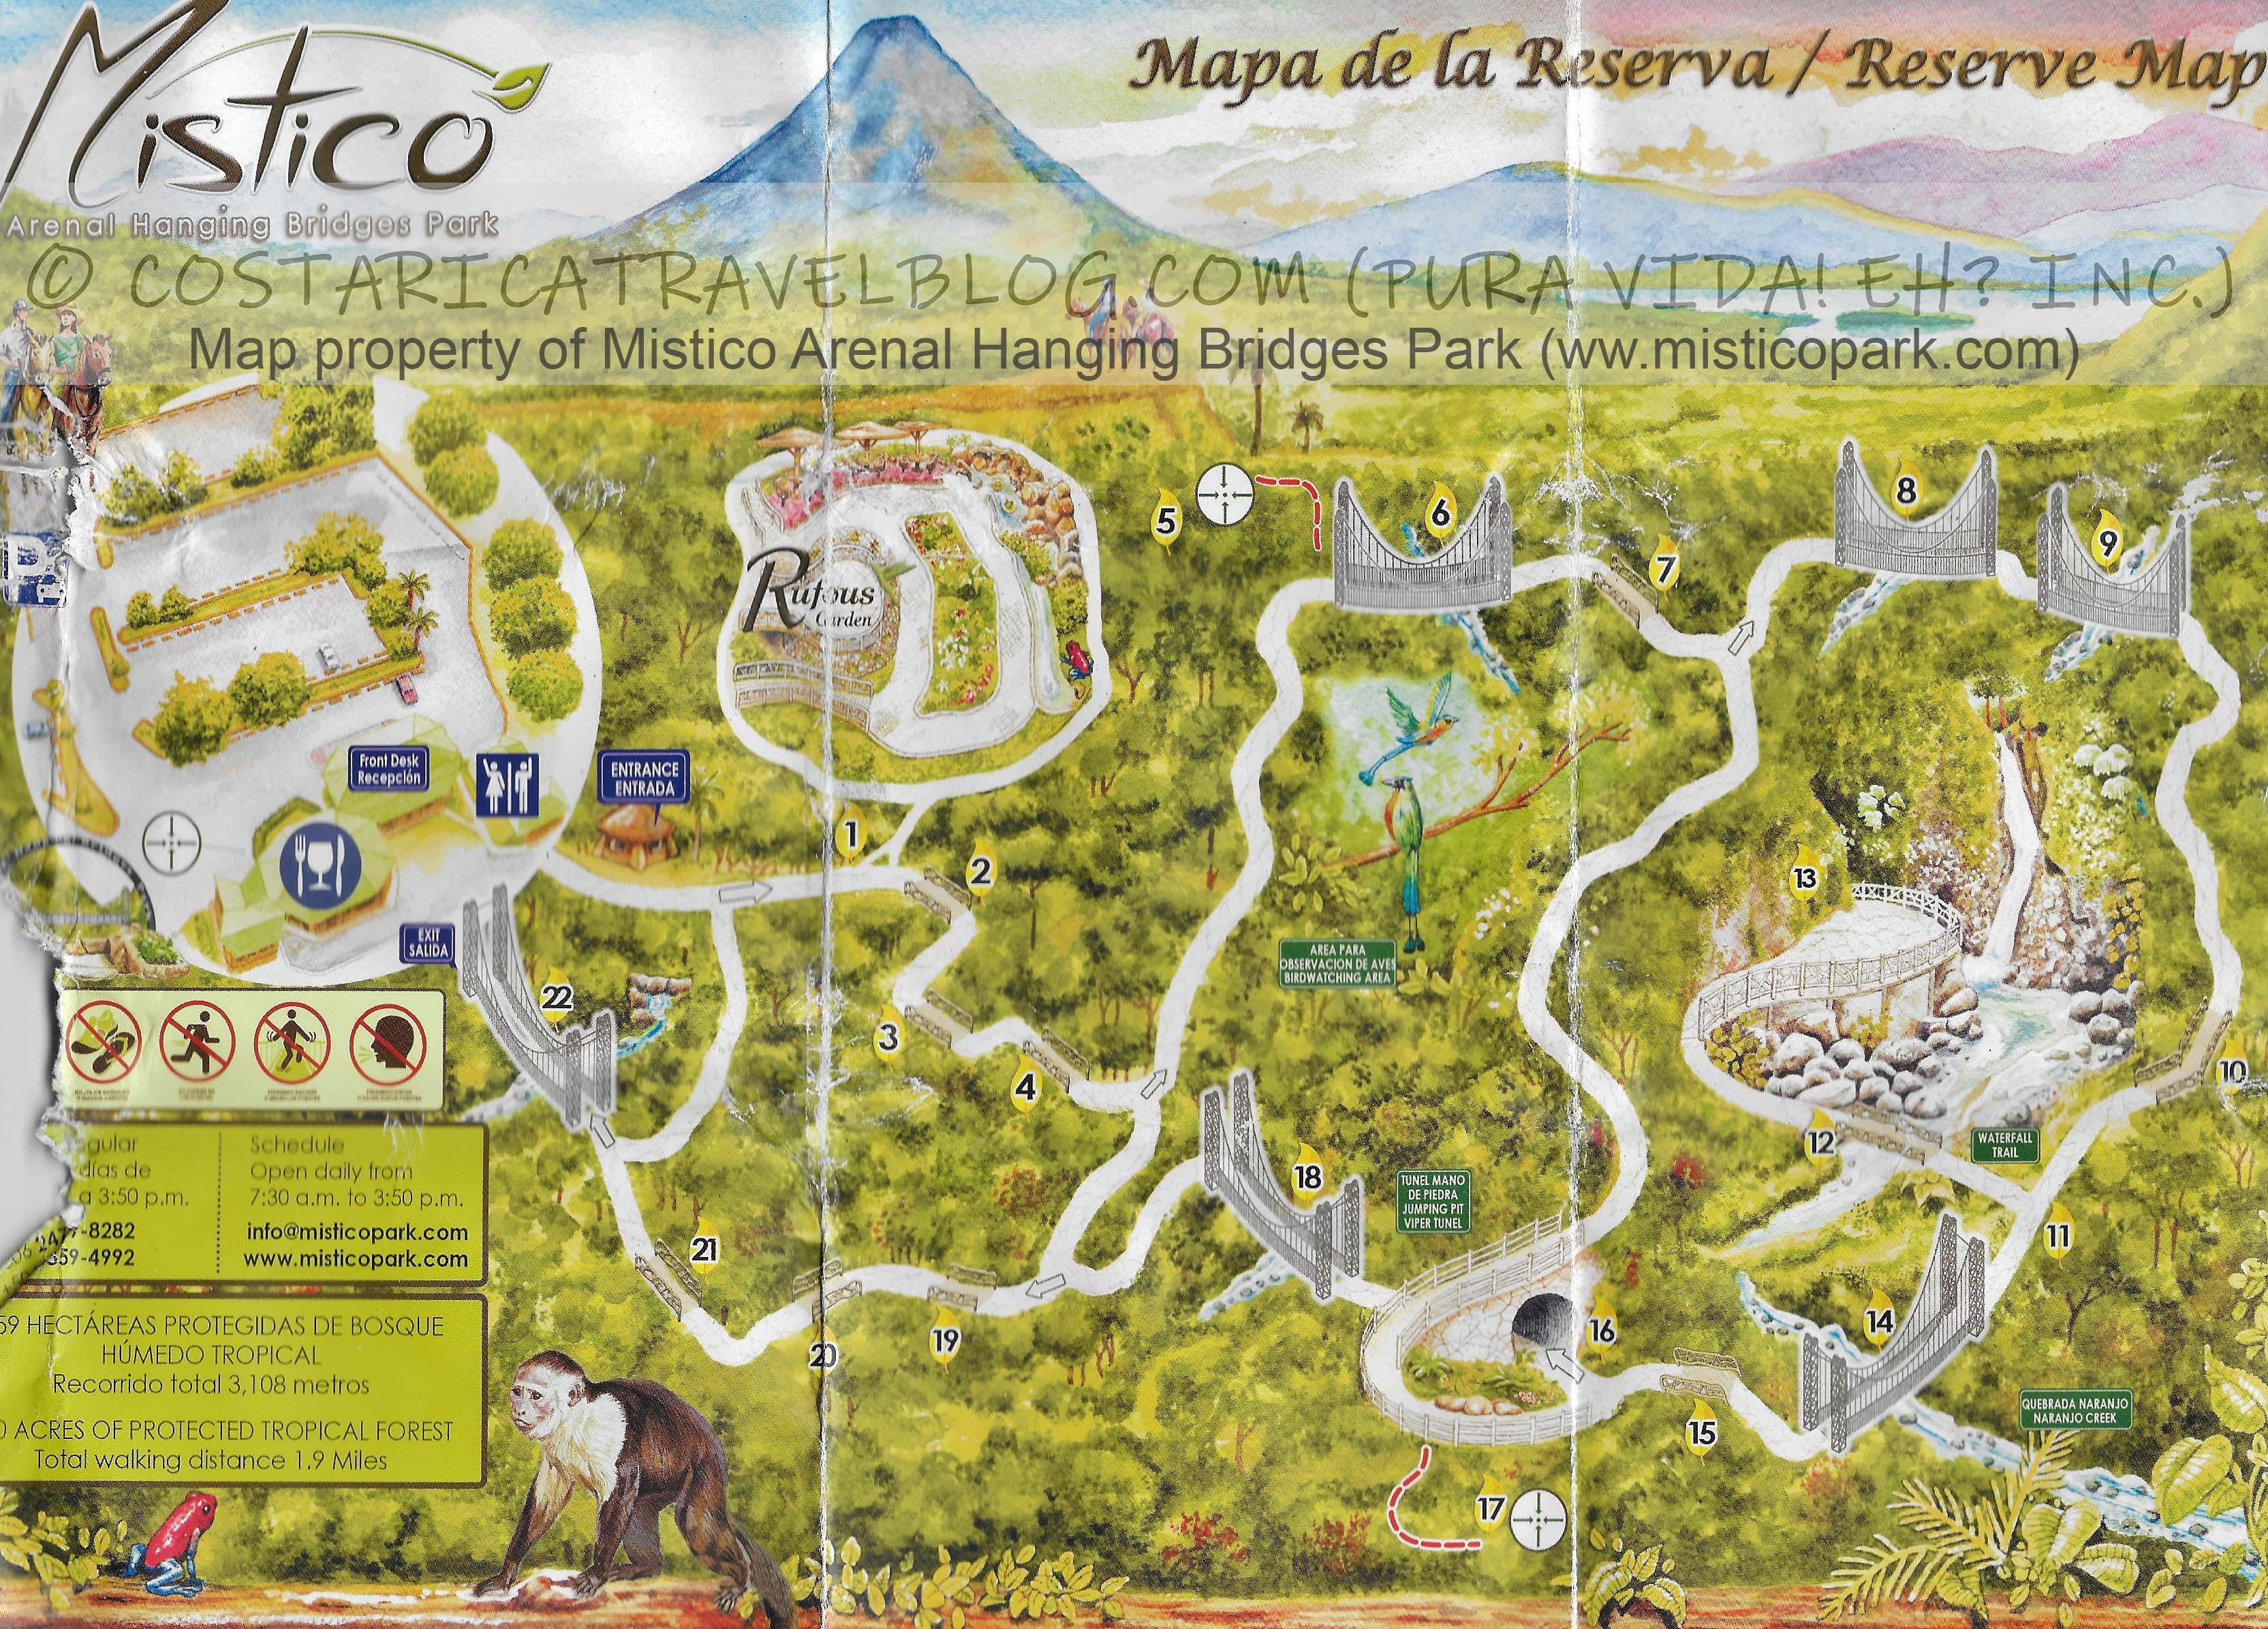 Mistico Arenal Hanging Bridges Park Map